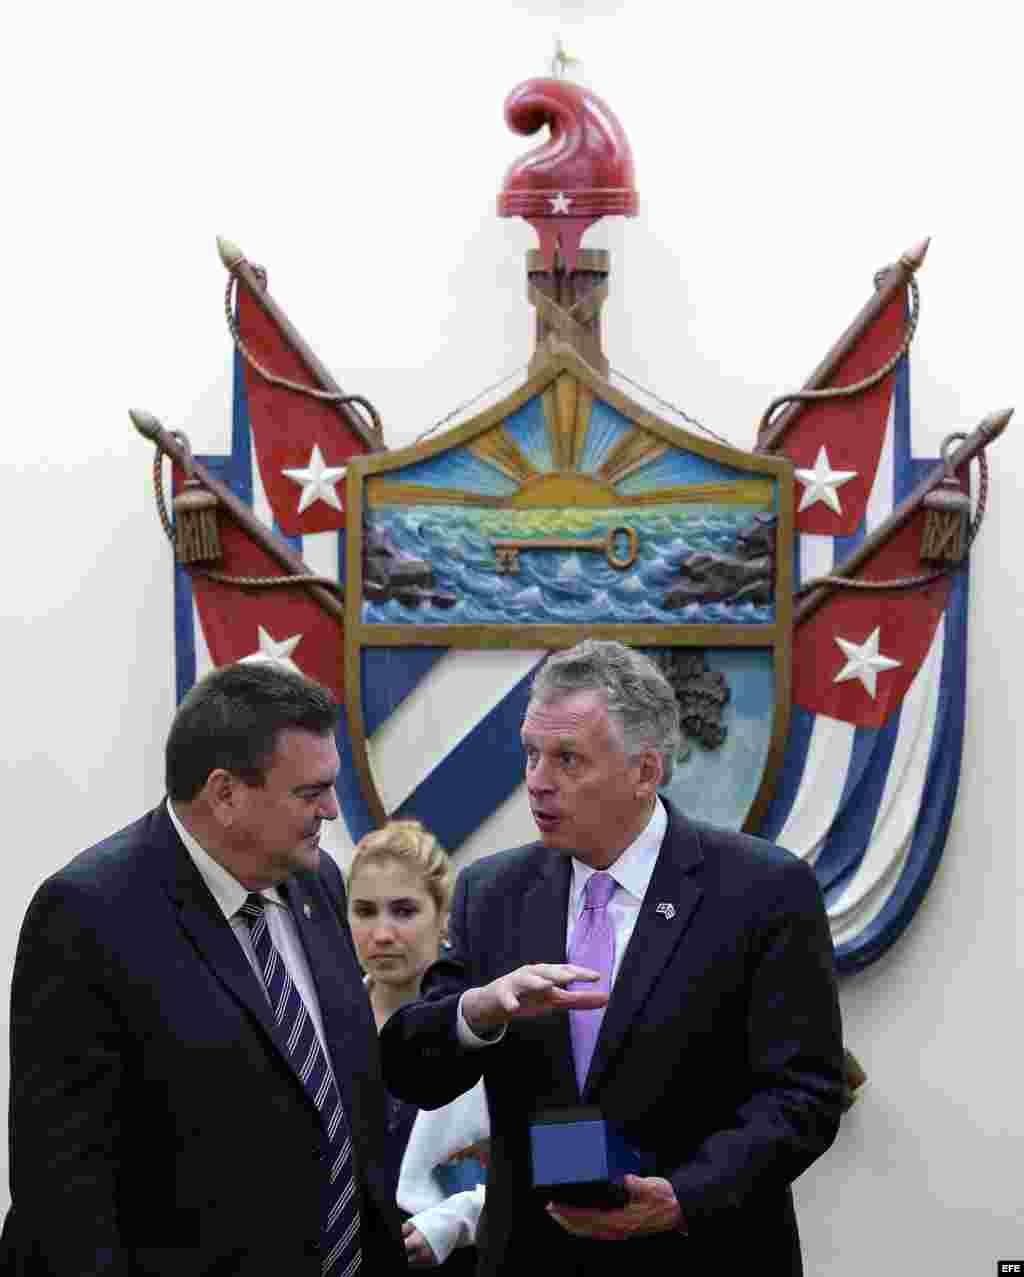 El gobernador del estado de Virginia (EEUU), Terry McAuliffe (d), conversa con el rector de la Universidad de La Habana (Cuba), Gustavo Cobreiro Suárez (i), durante una visita hoy, lunes 04 de enero de 2016, en La Habana.